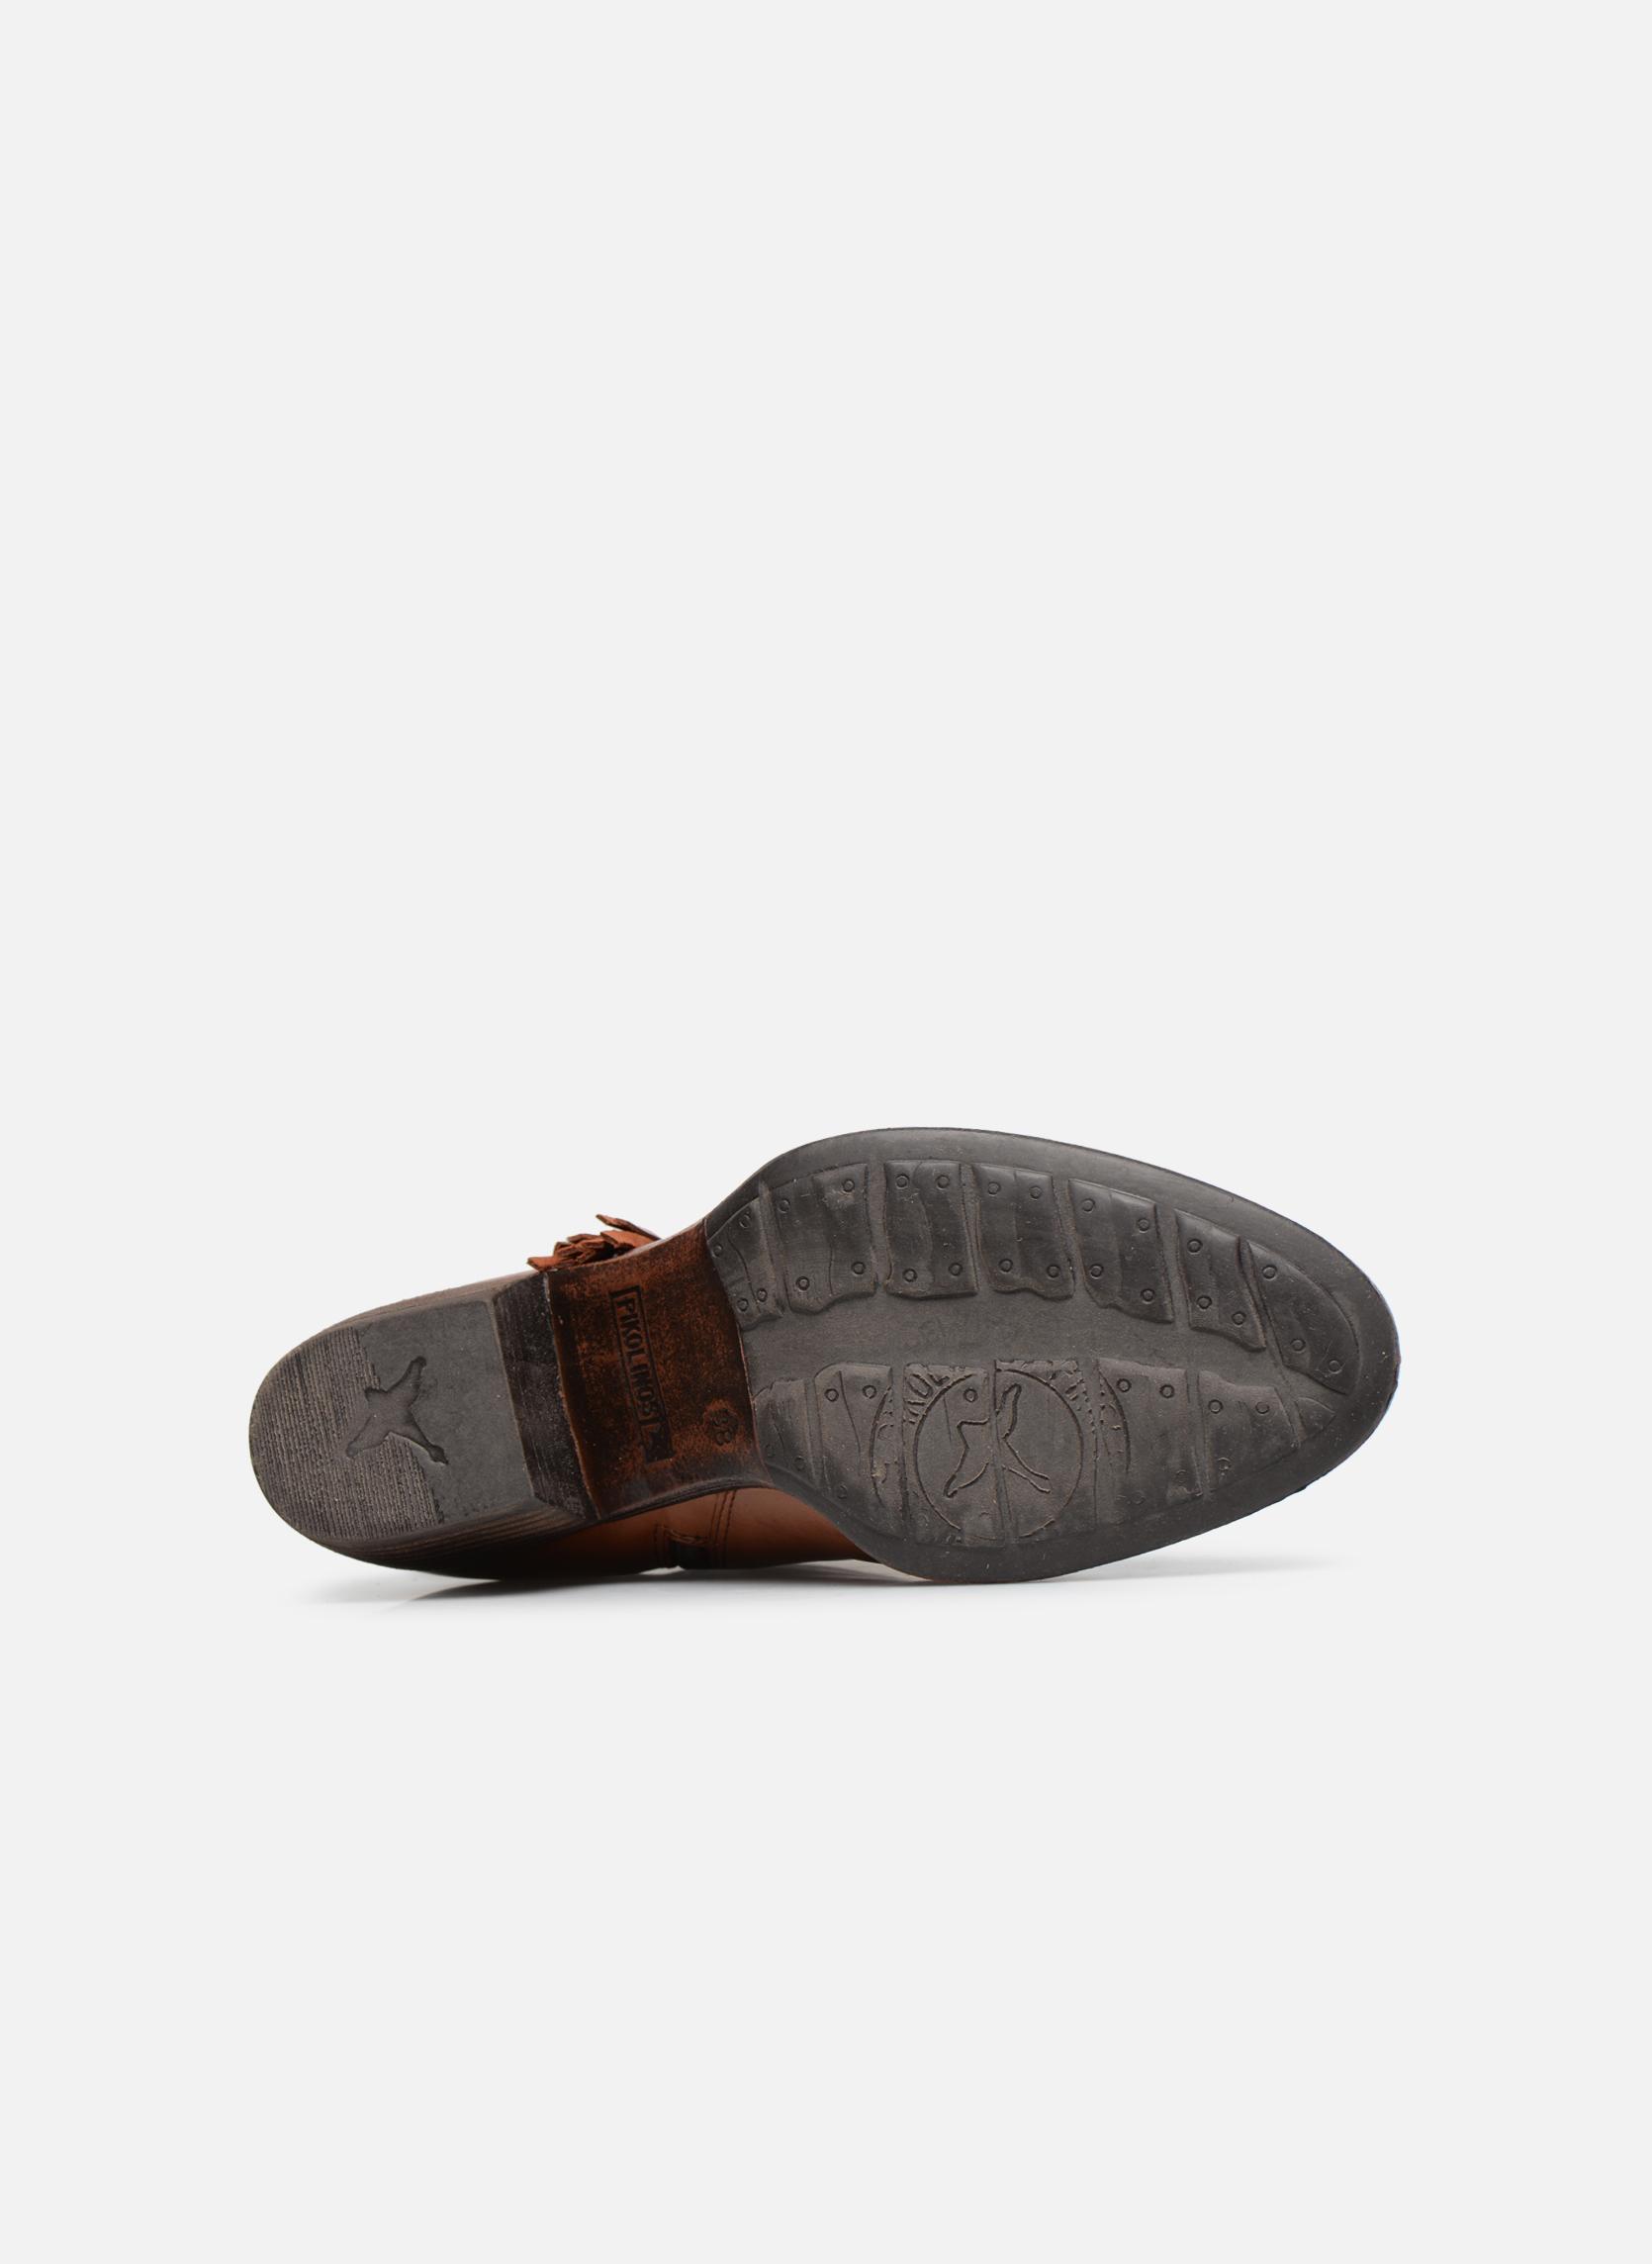 Bottines et boots Pikolinos Baqueira W9M-8941 Marron vue haut